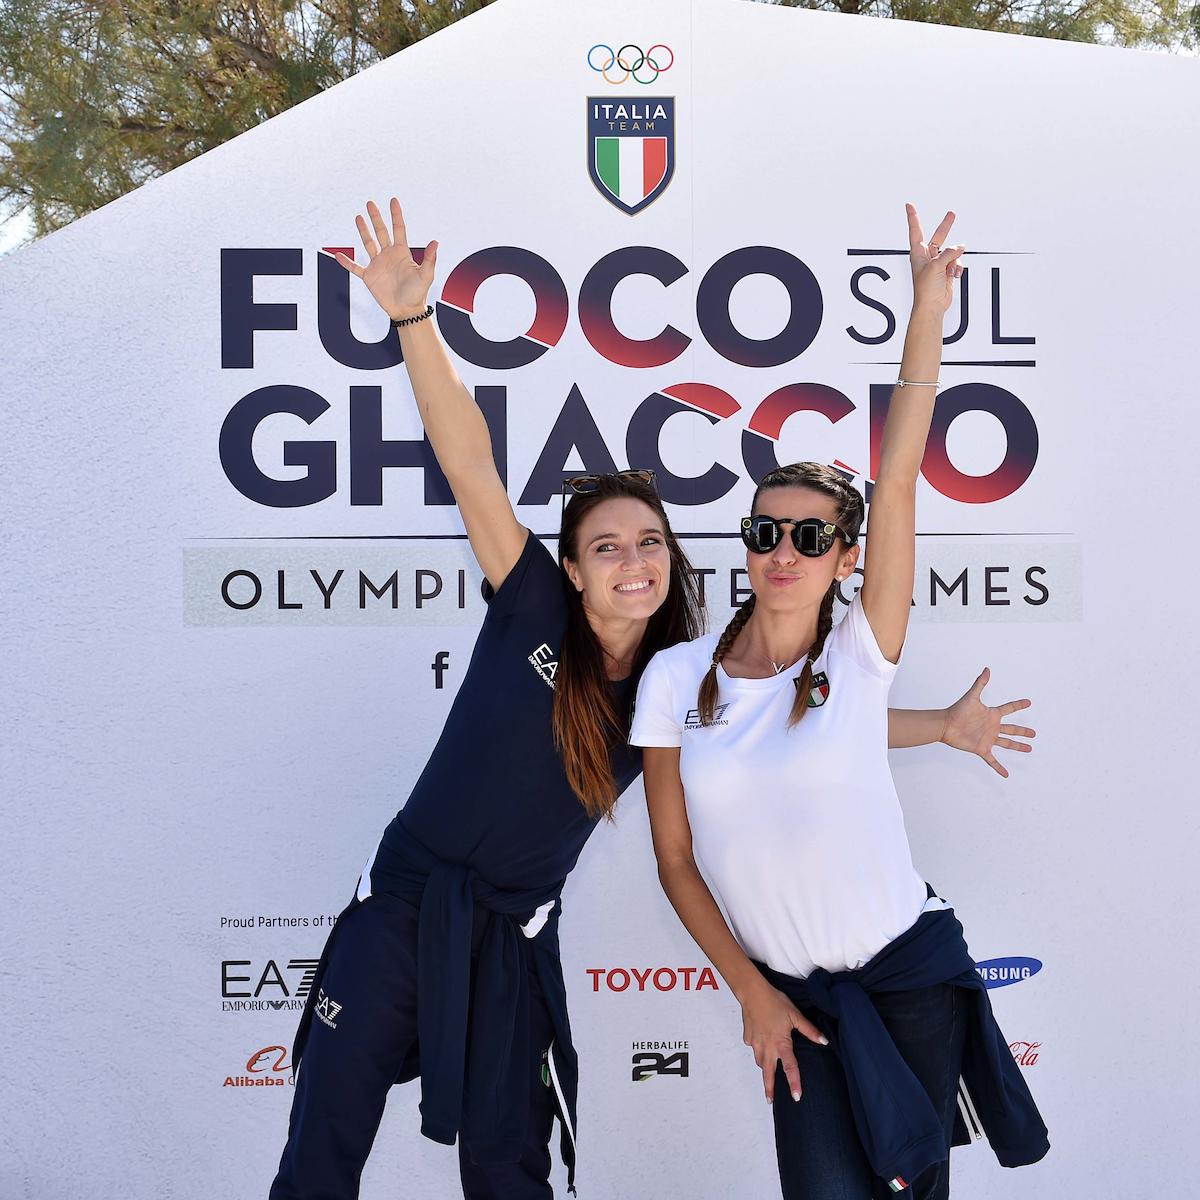 170923 078 Trofeo CONI foto Simone Ferraro - CONI